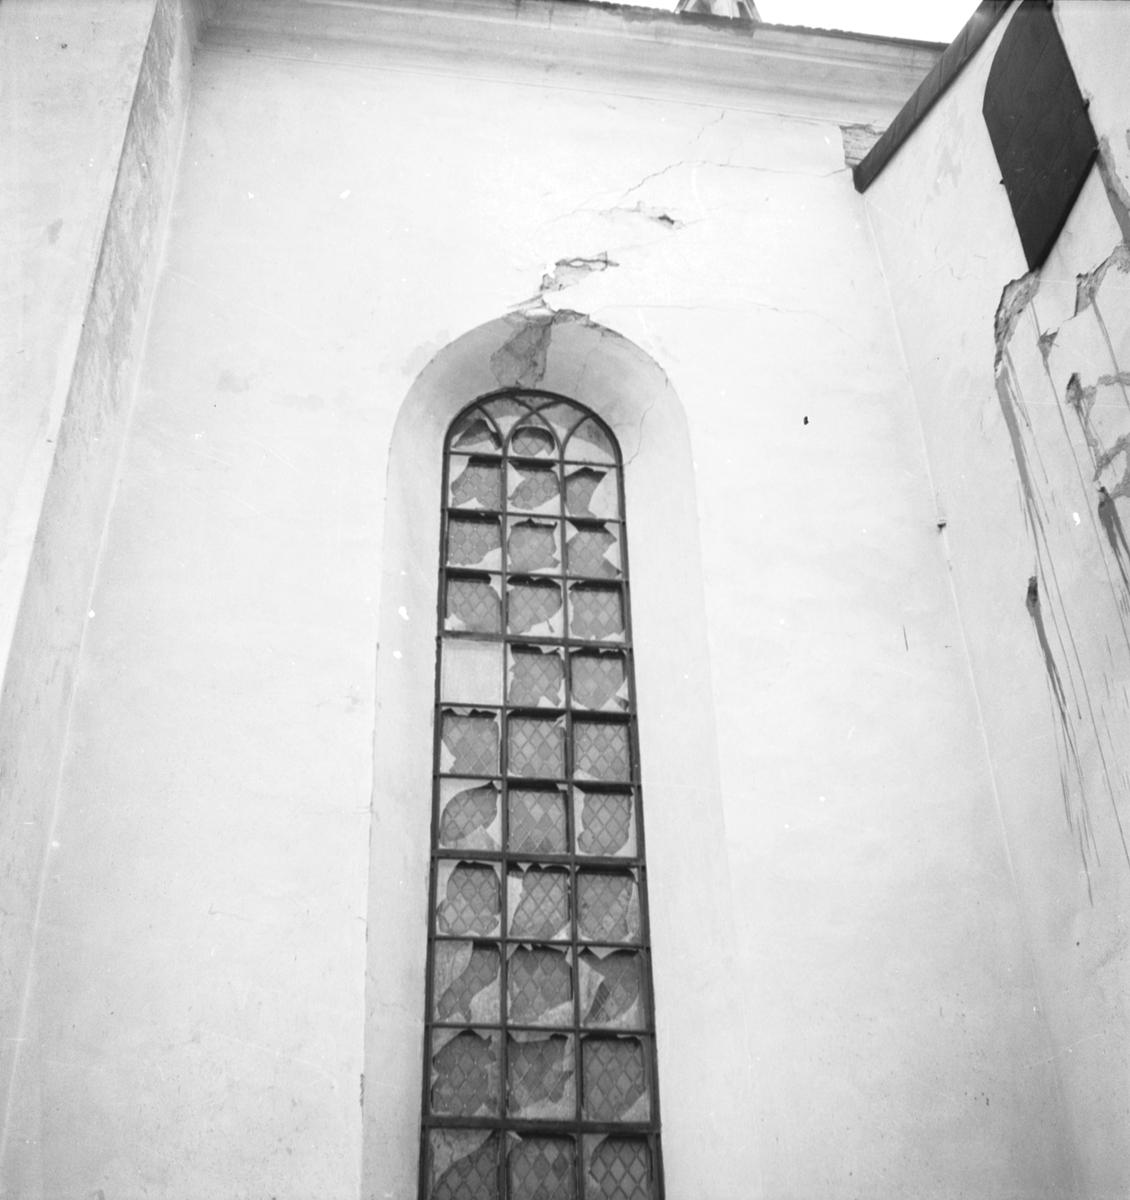 Heliga Trefaldighetskyrkan. Fönster. Augusti 1937